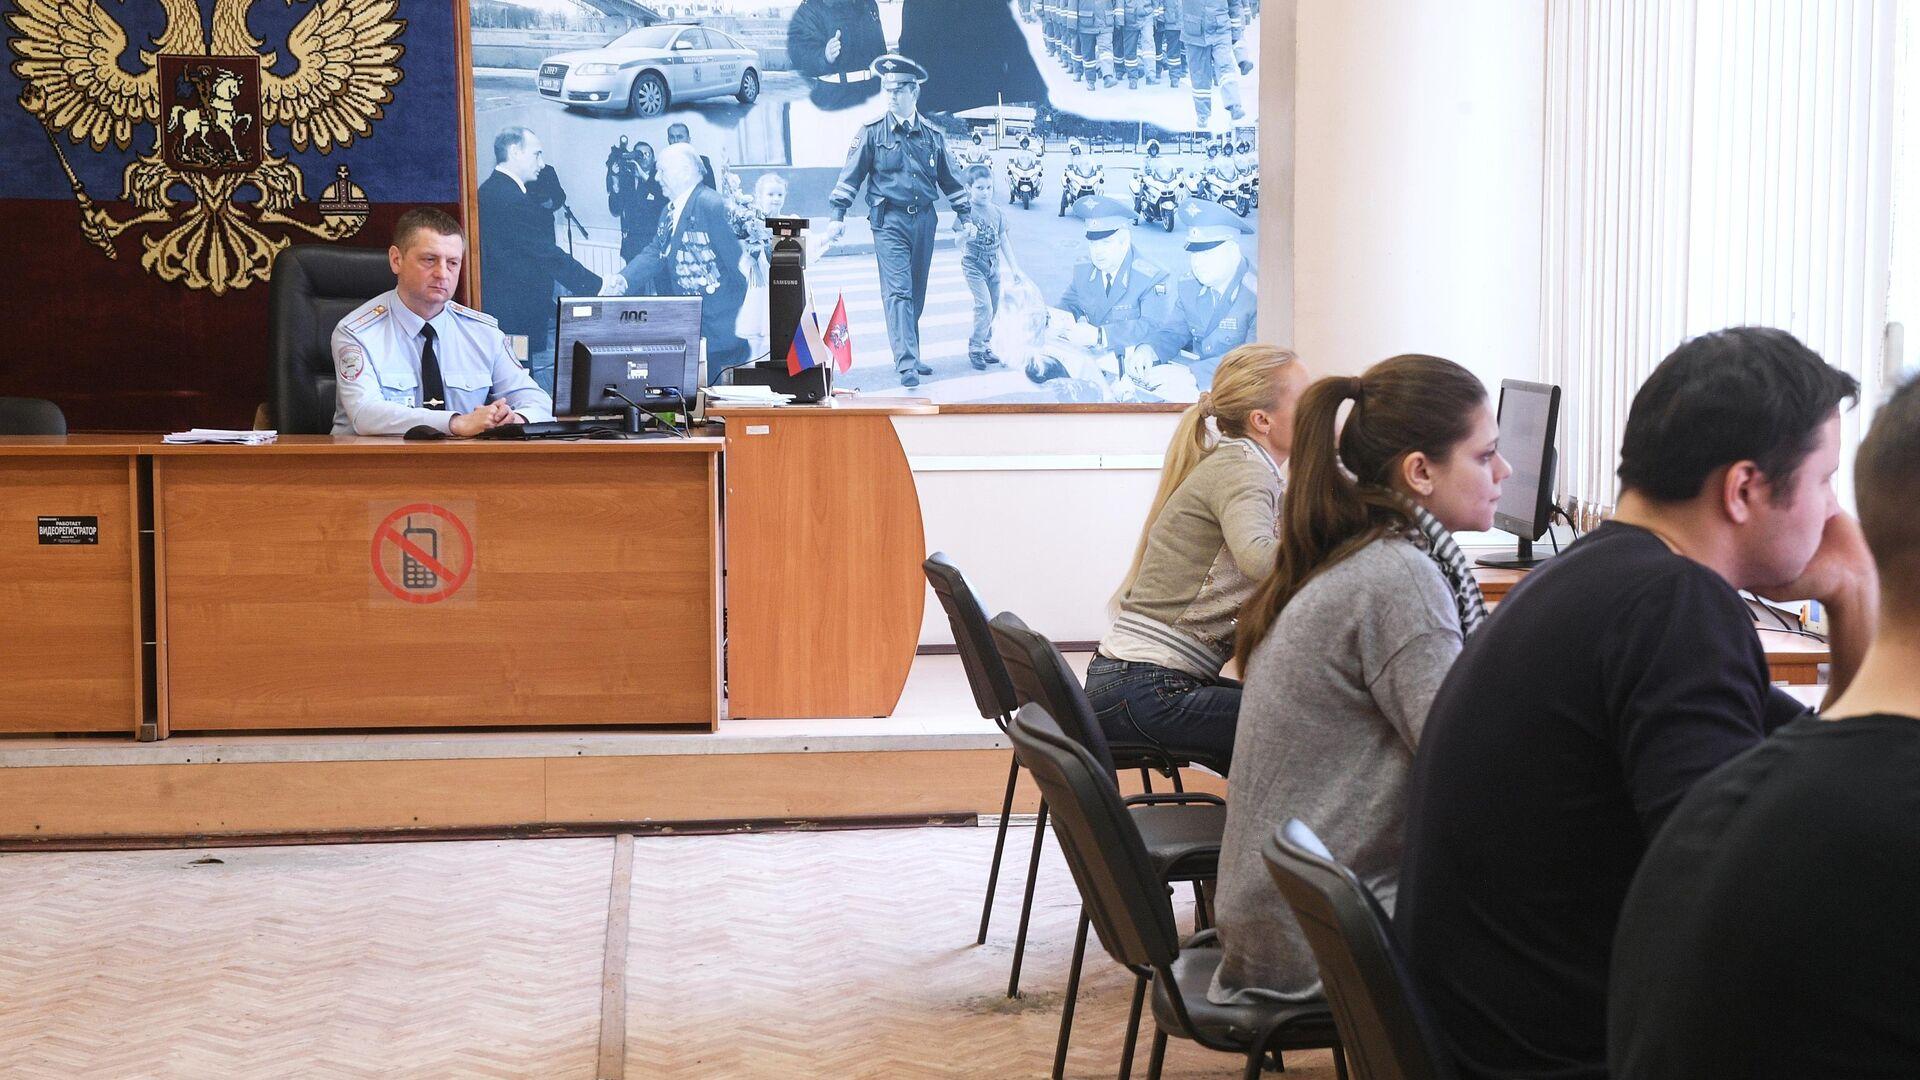 Люди сдают теоретические экзамены по правилам дорожного движения в отделении ГИБДД в Москве - РИА Новости, 1920, 27.11.2020